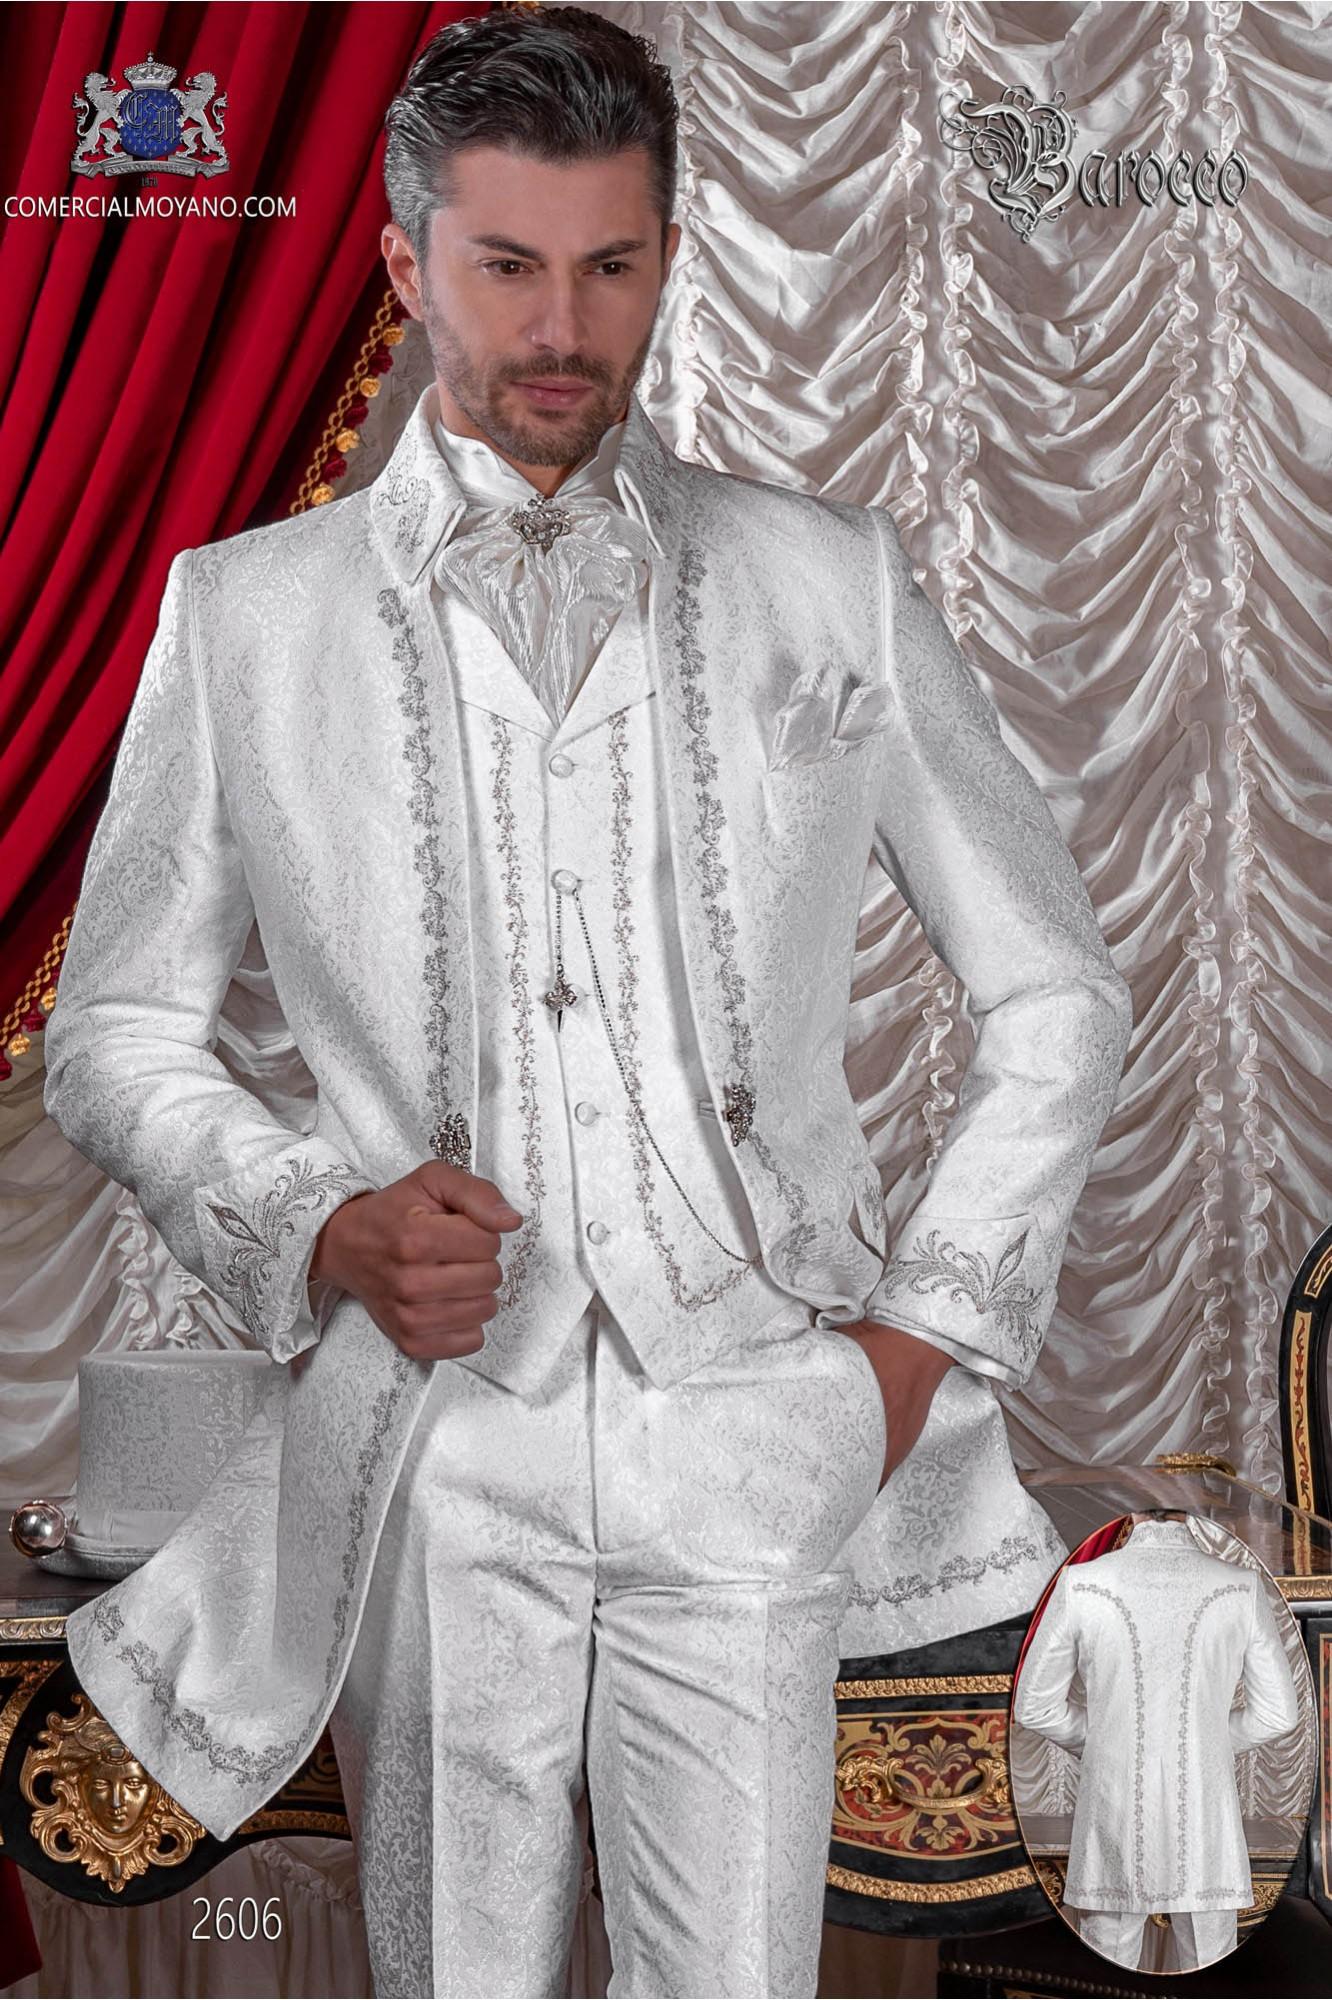 Traje de novio barroco, casaca de época cuello Napoleón en tejido jacquard blanco con bordados plateados y broche de cristal